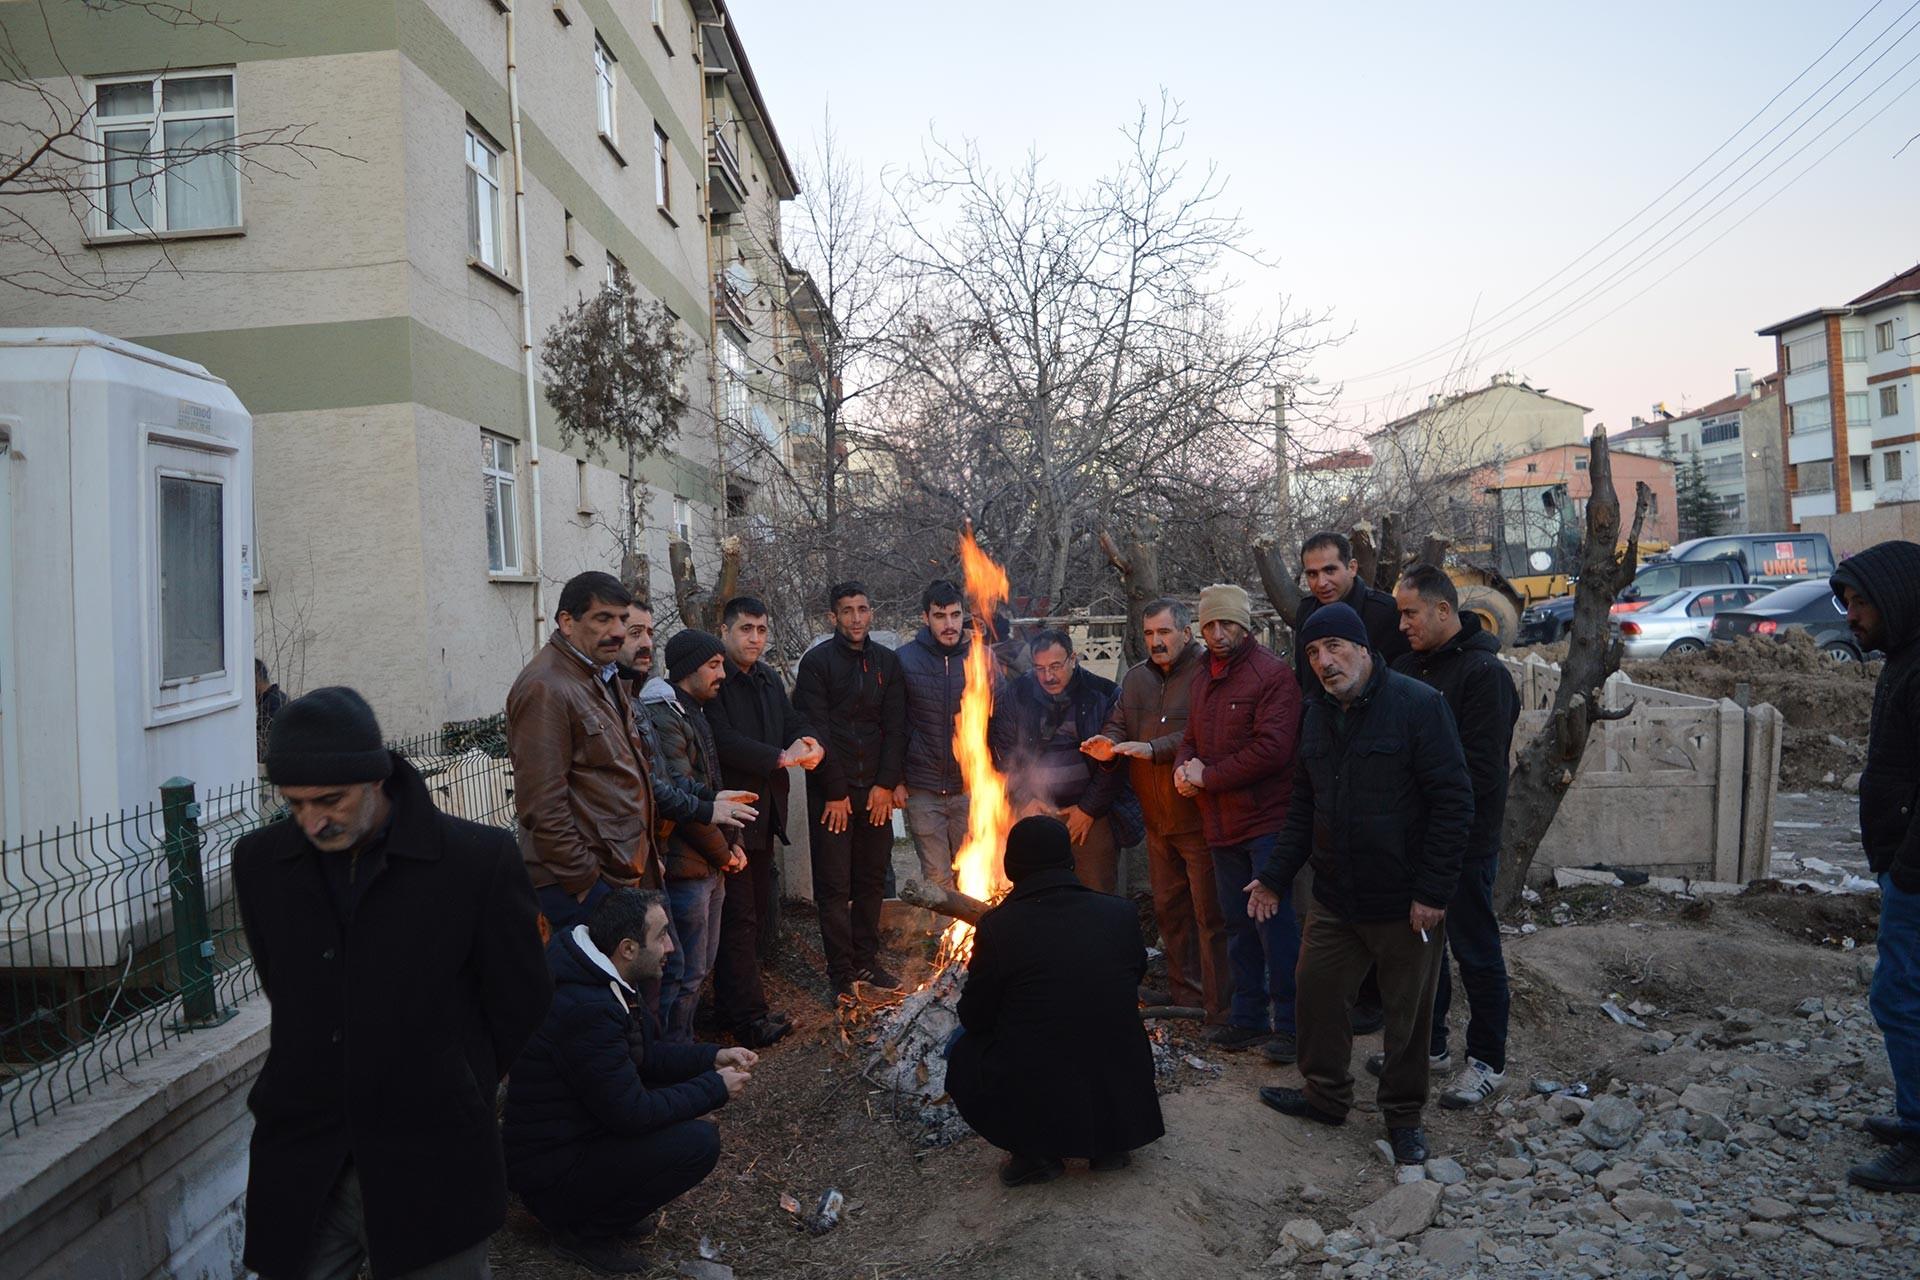 Elazığ'da meydana gelen 6.8 büyüklüğündeki depremin ardından arama kurtarma çalışmaları sürerken bir yandan yurttaşlar sokakta yaktıkları ateşin etrafında ısınmaya çalışıyor.